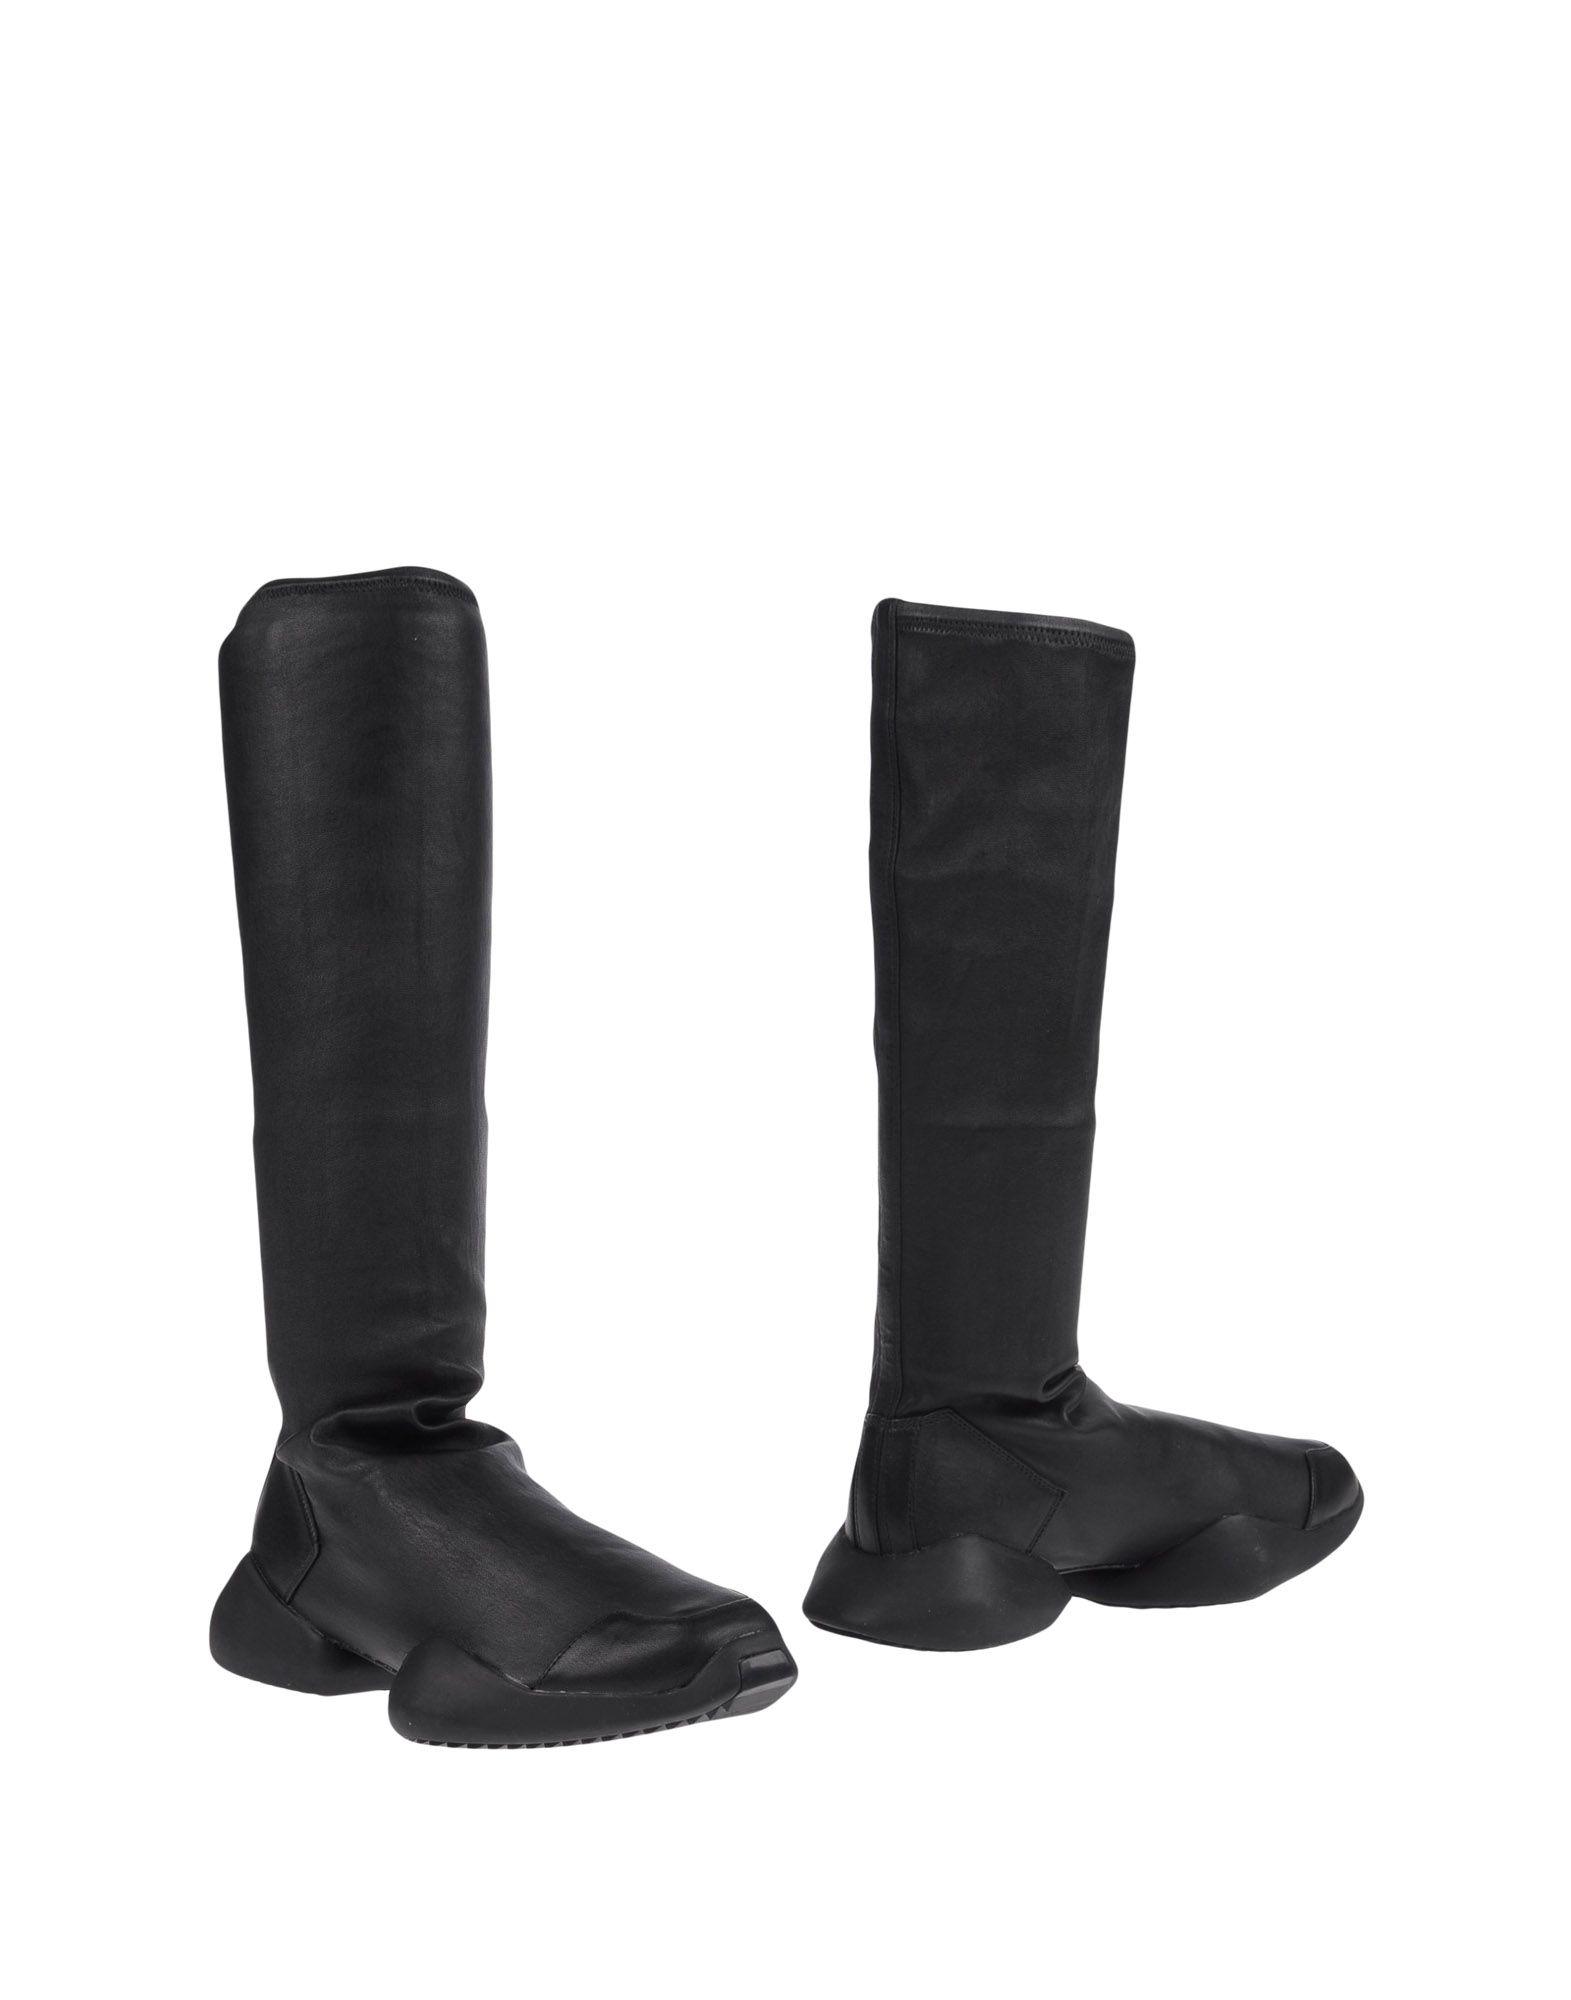 Rick Owens X Adidas Stiefelette Herren  11204746WO Gute Qualität beliebte Schuhe